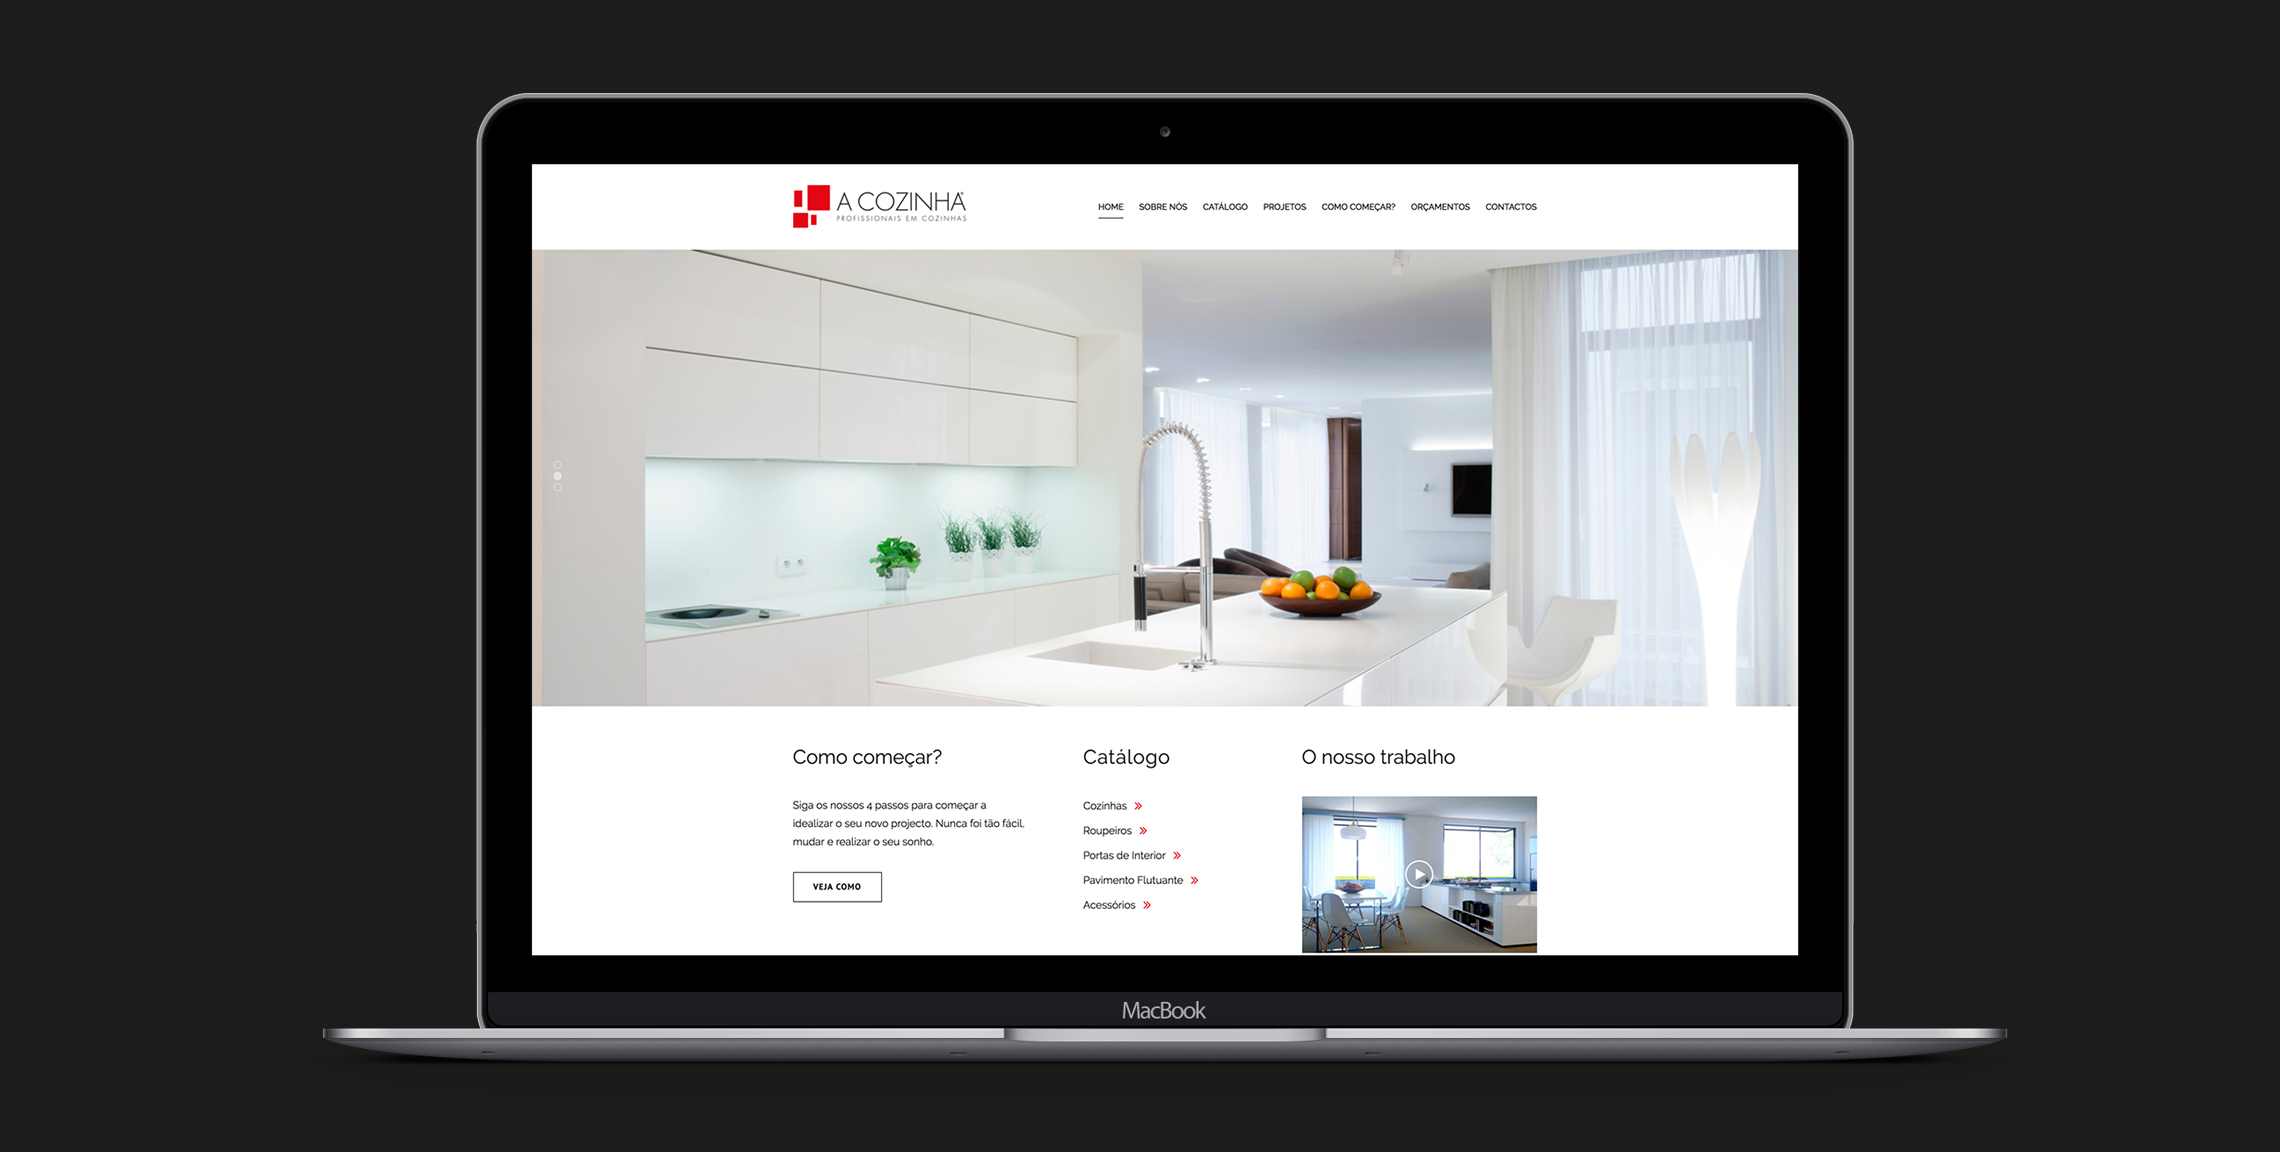 A Cozinha site